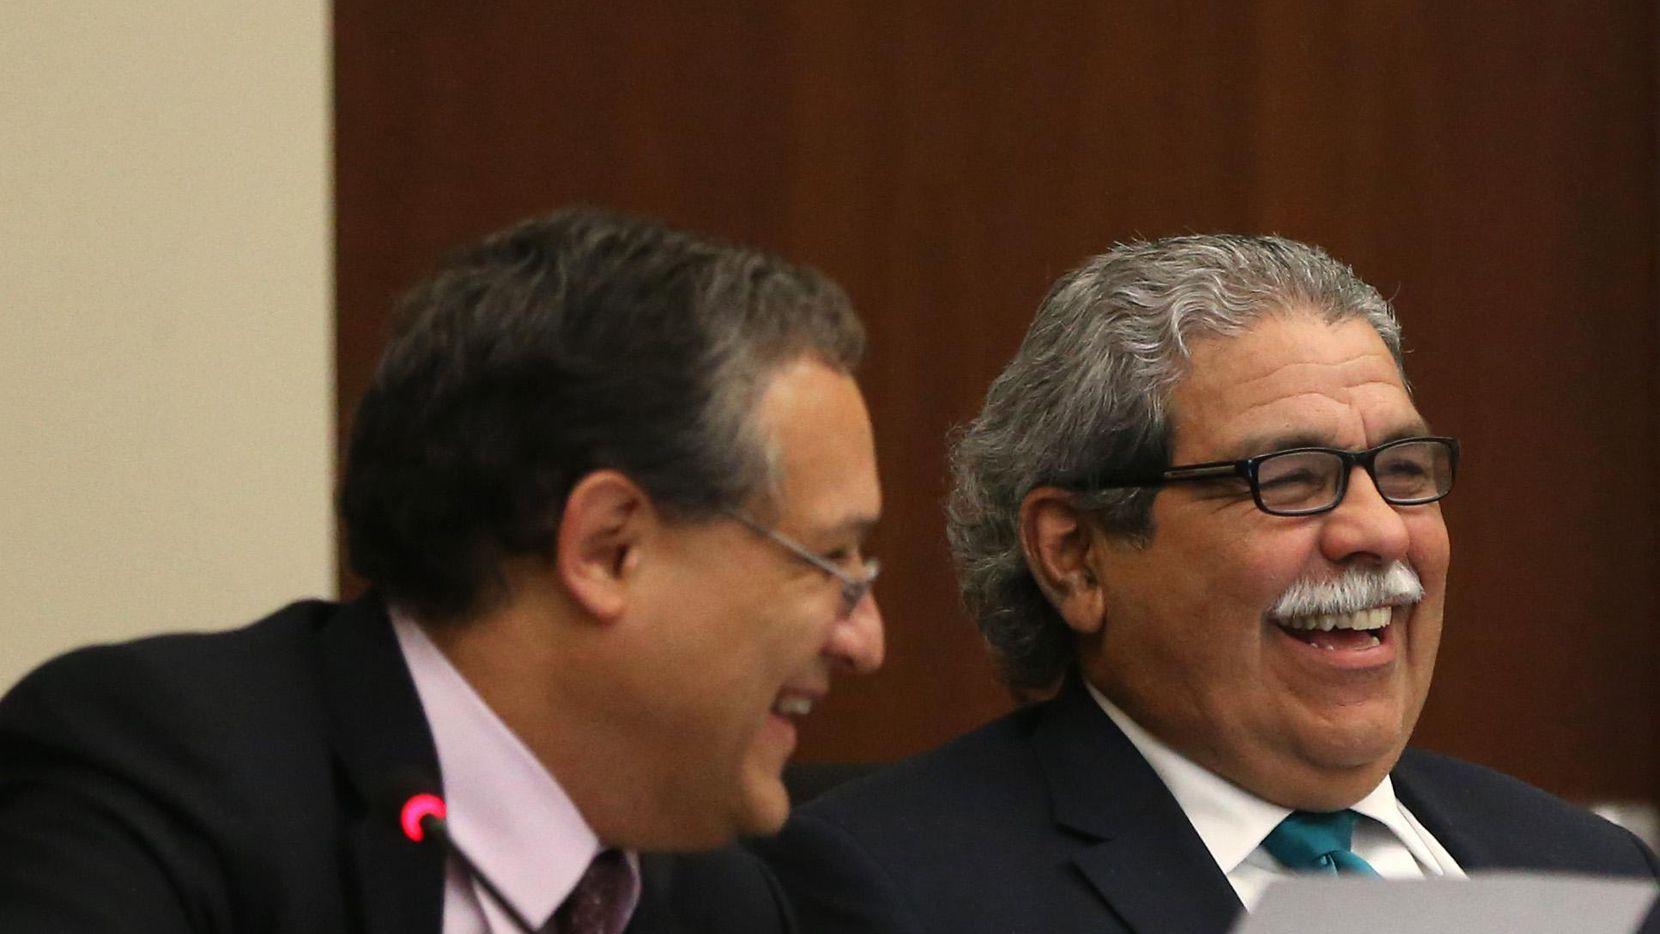 El presidente de la junta, Edwin Flores (izq.) y el superintendente Michael Hinojosa, durante la reunión de la junta escolar el jueves. (DMN/ROSE BACA)